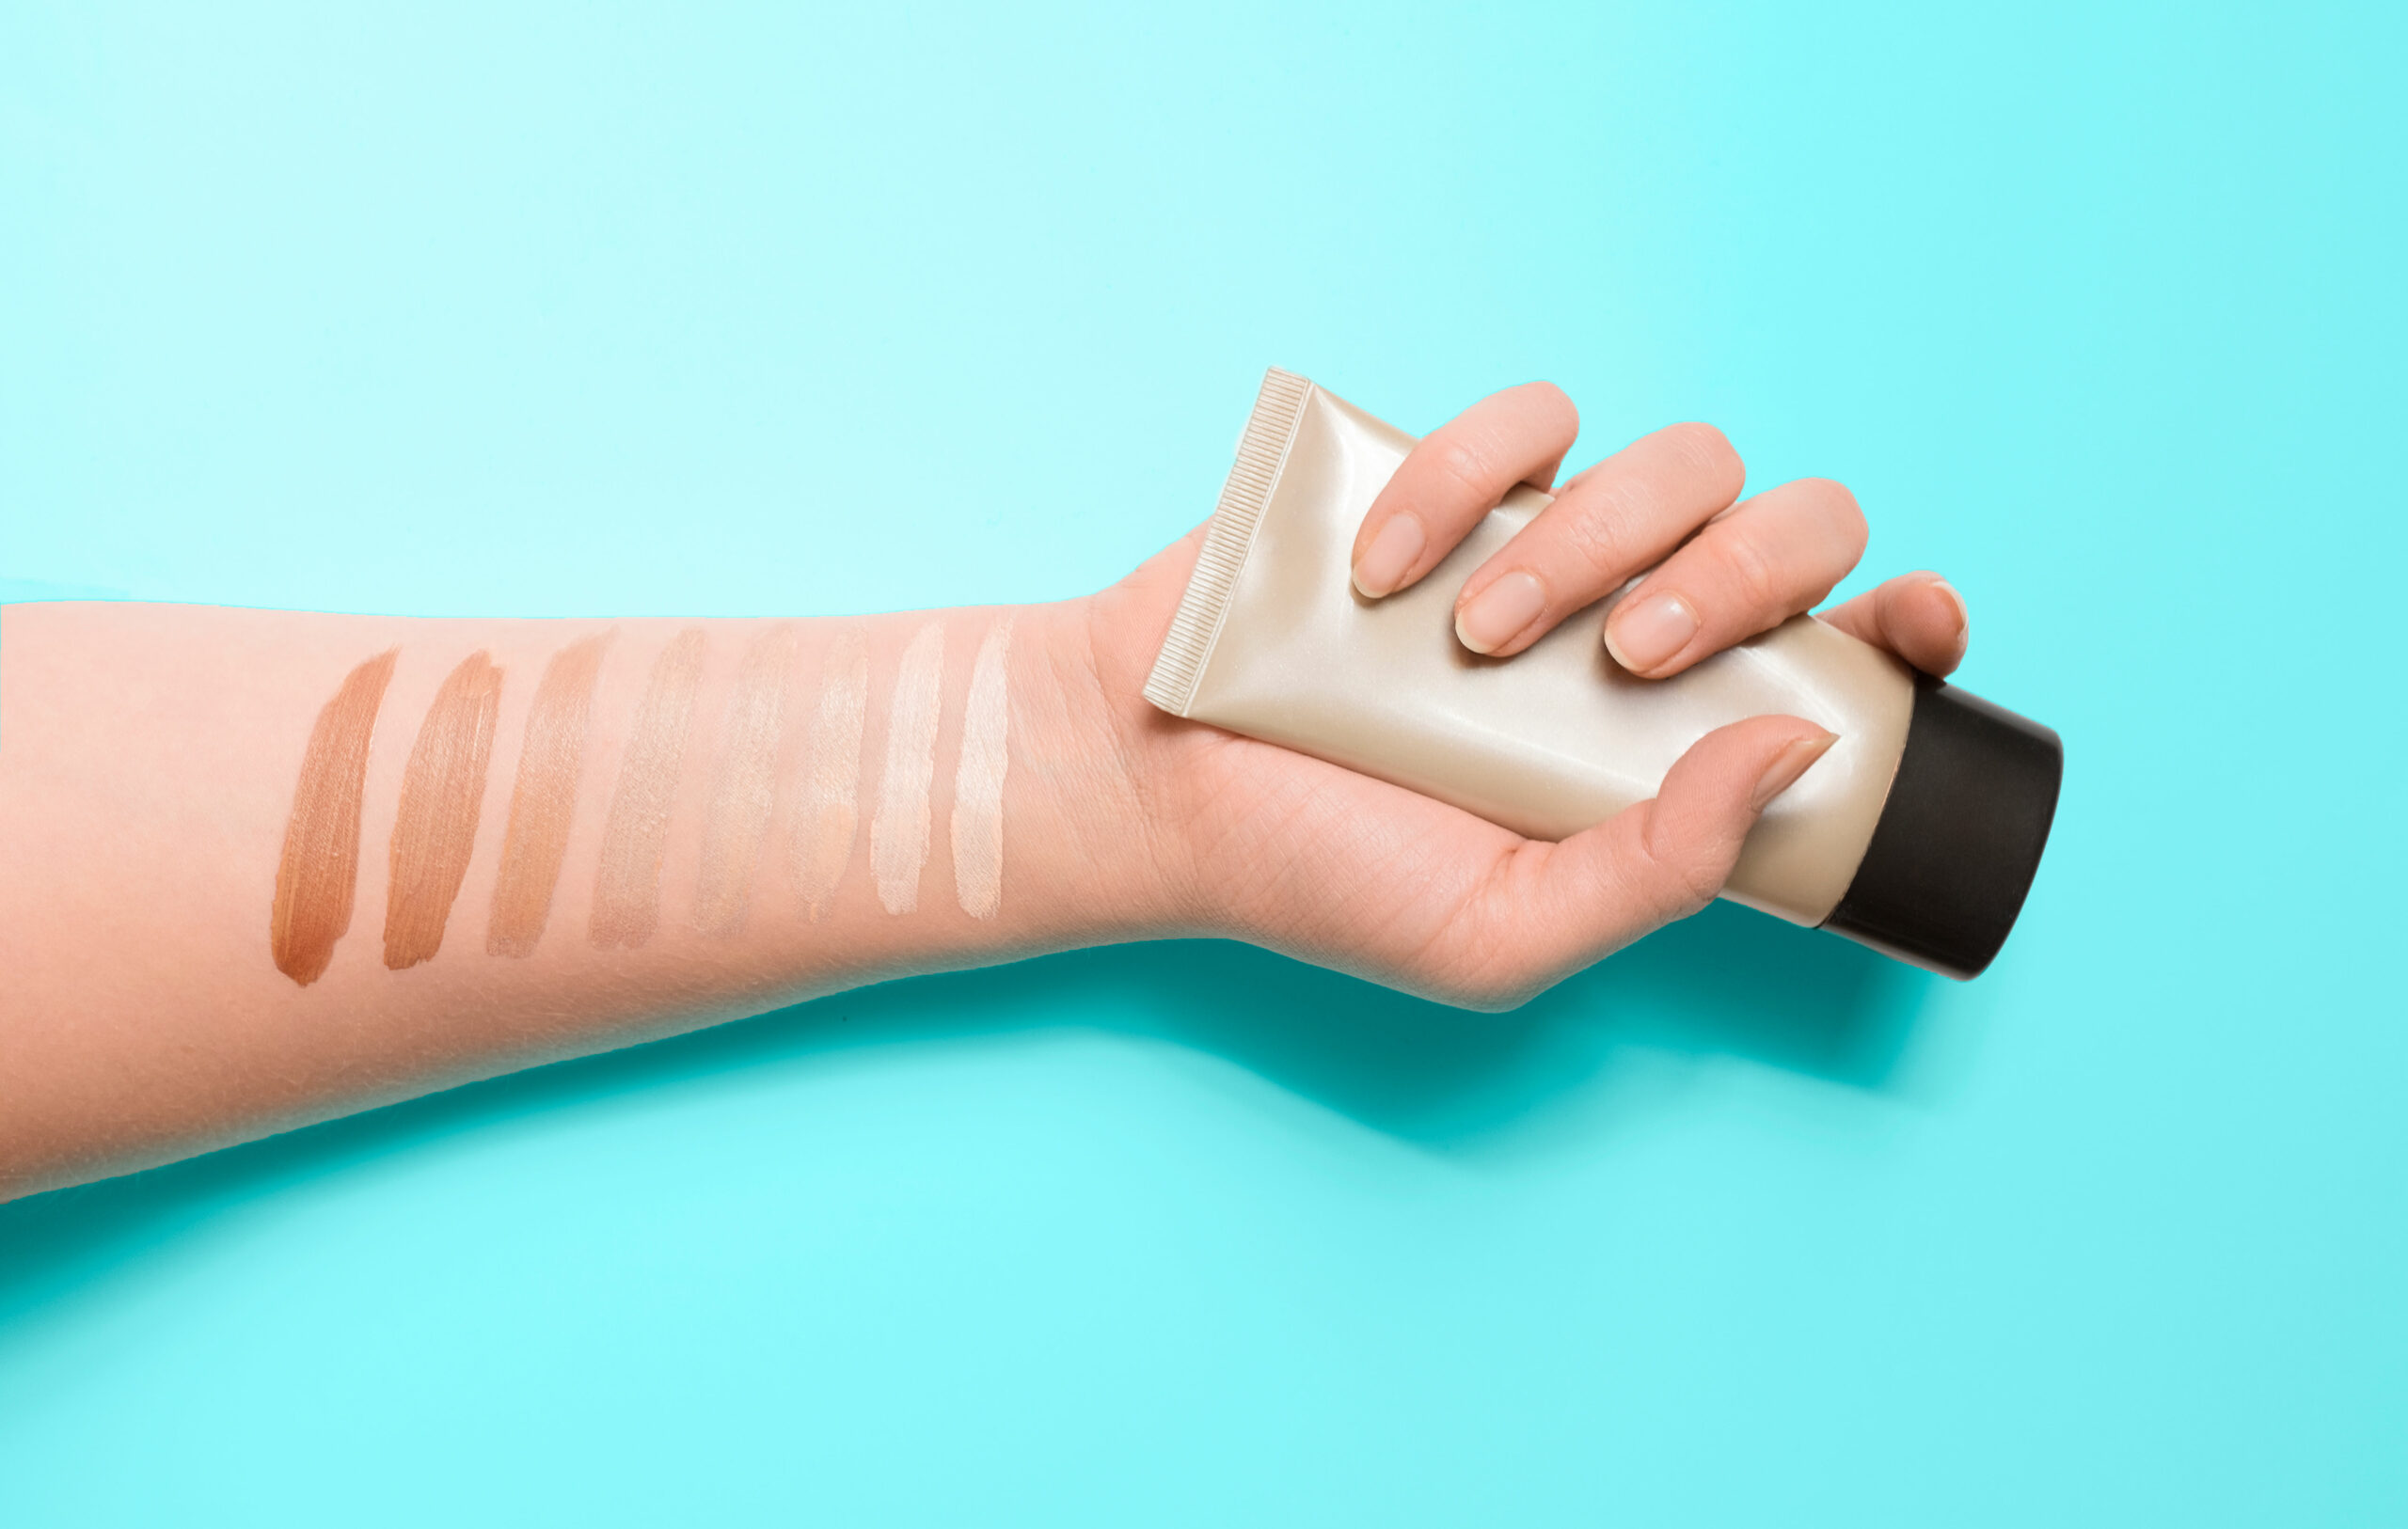 Meikkivoidesävyjä kokeiltuna käden sisäsyrjään